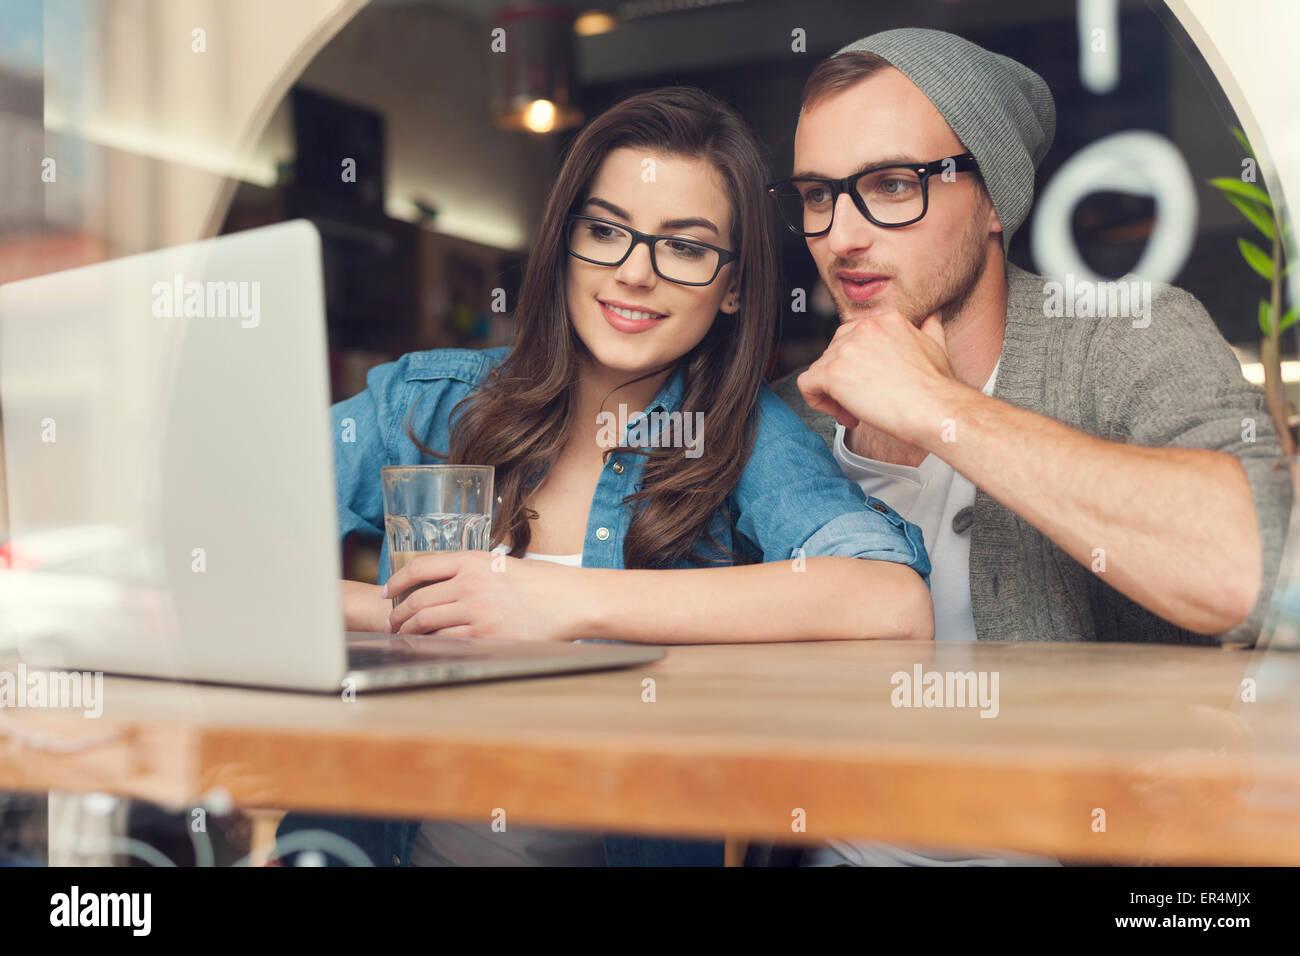 Par disfrutar de la conexión inalámbrica a internet en la cafetería. Cracovia, Polonia Imagen De Stock